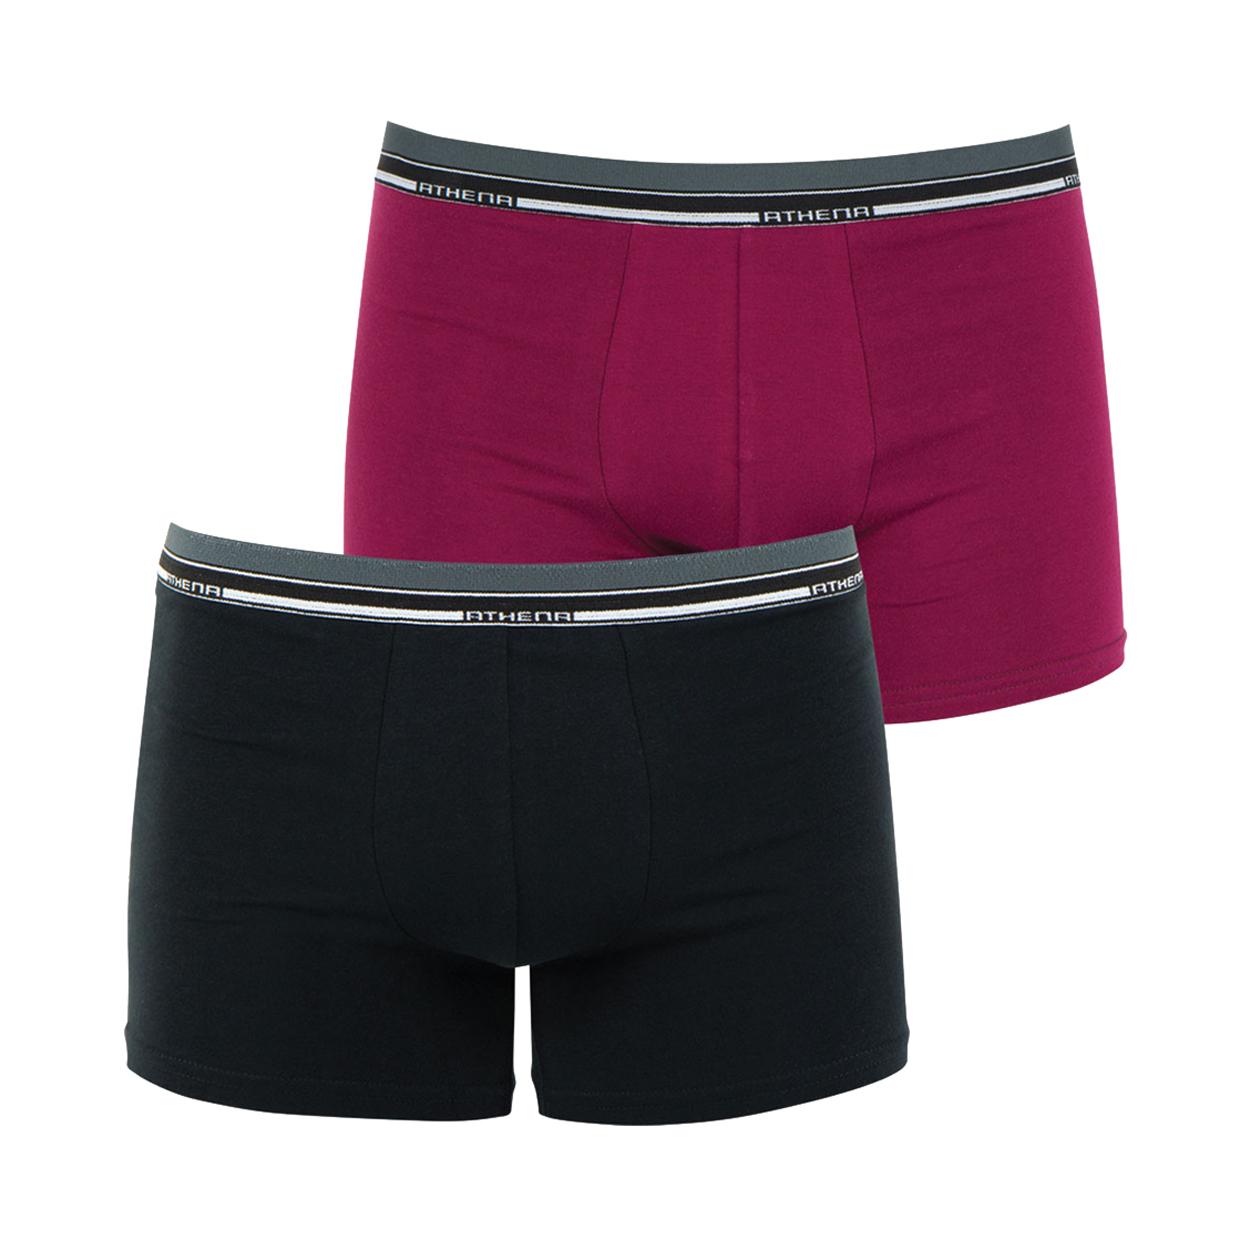 Lot de 2 boxers  eco pack en coton stretch noir et prune